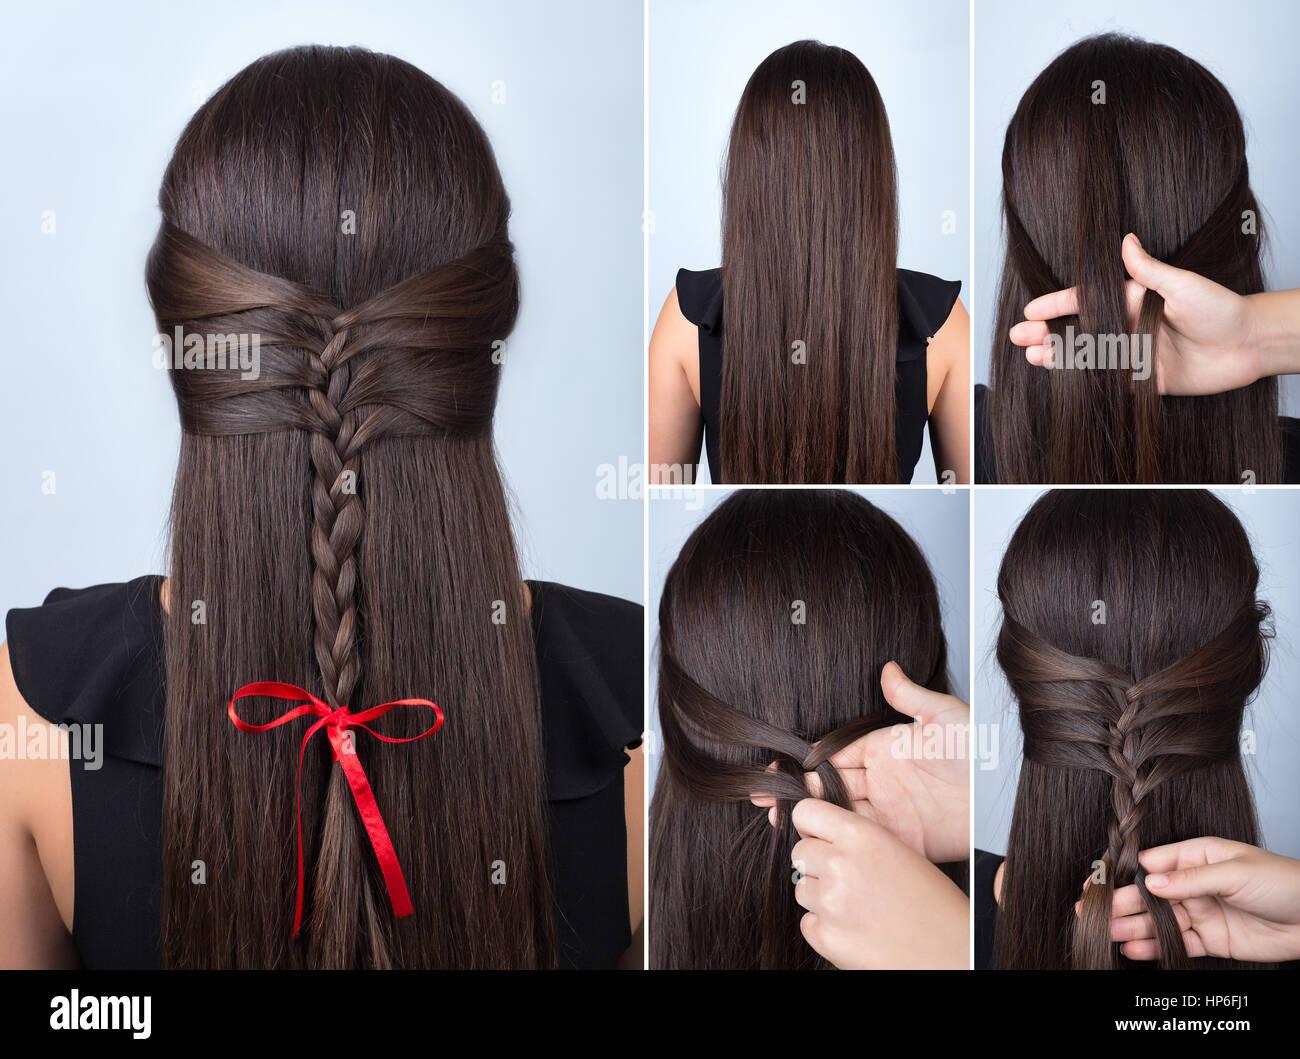 Frisur Fur Lange Haare Einfacher Zopf Frisur Mit Roter Schleife Fur